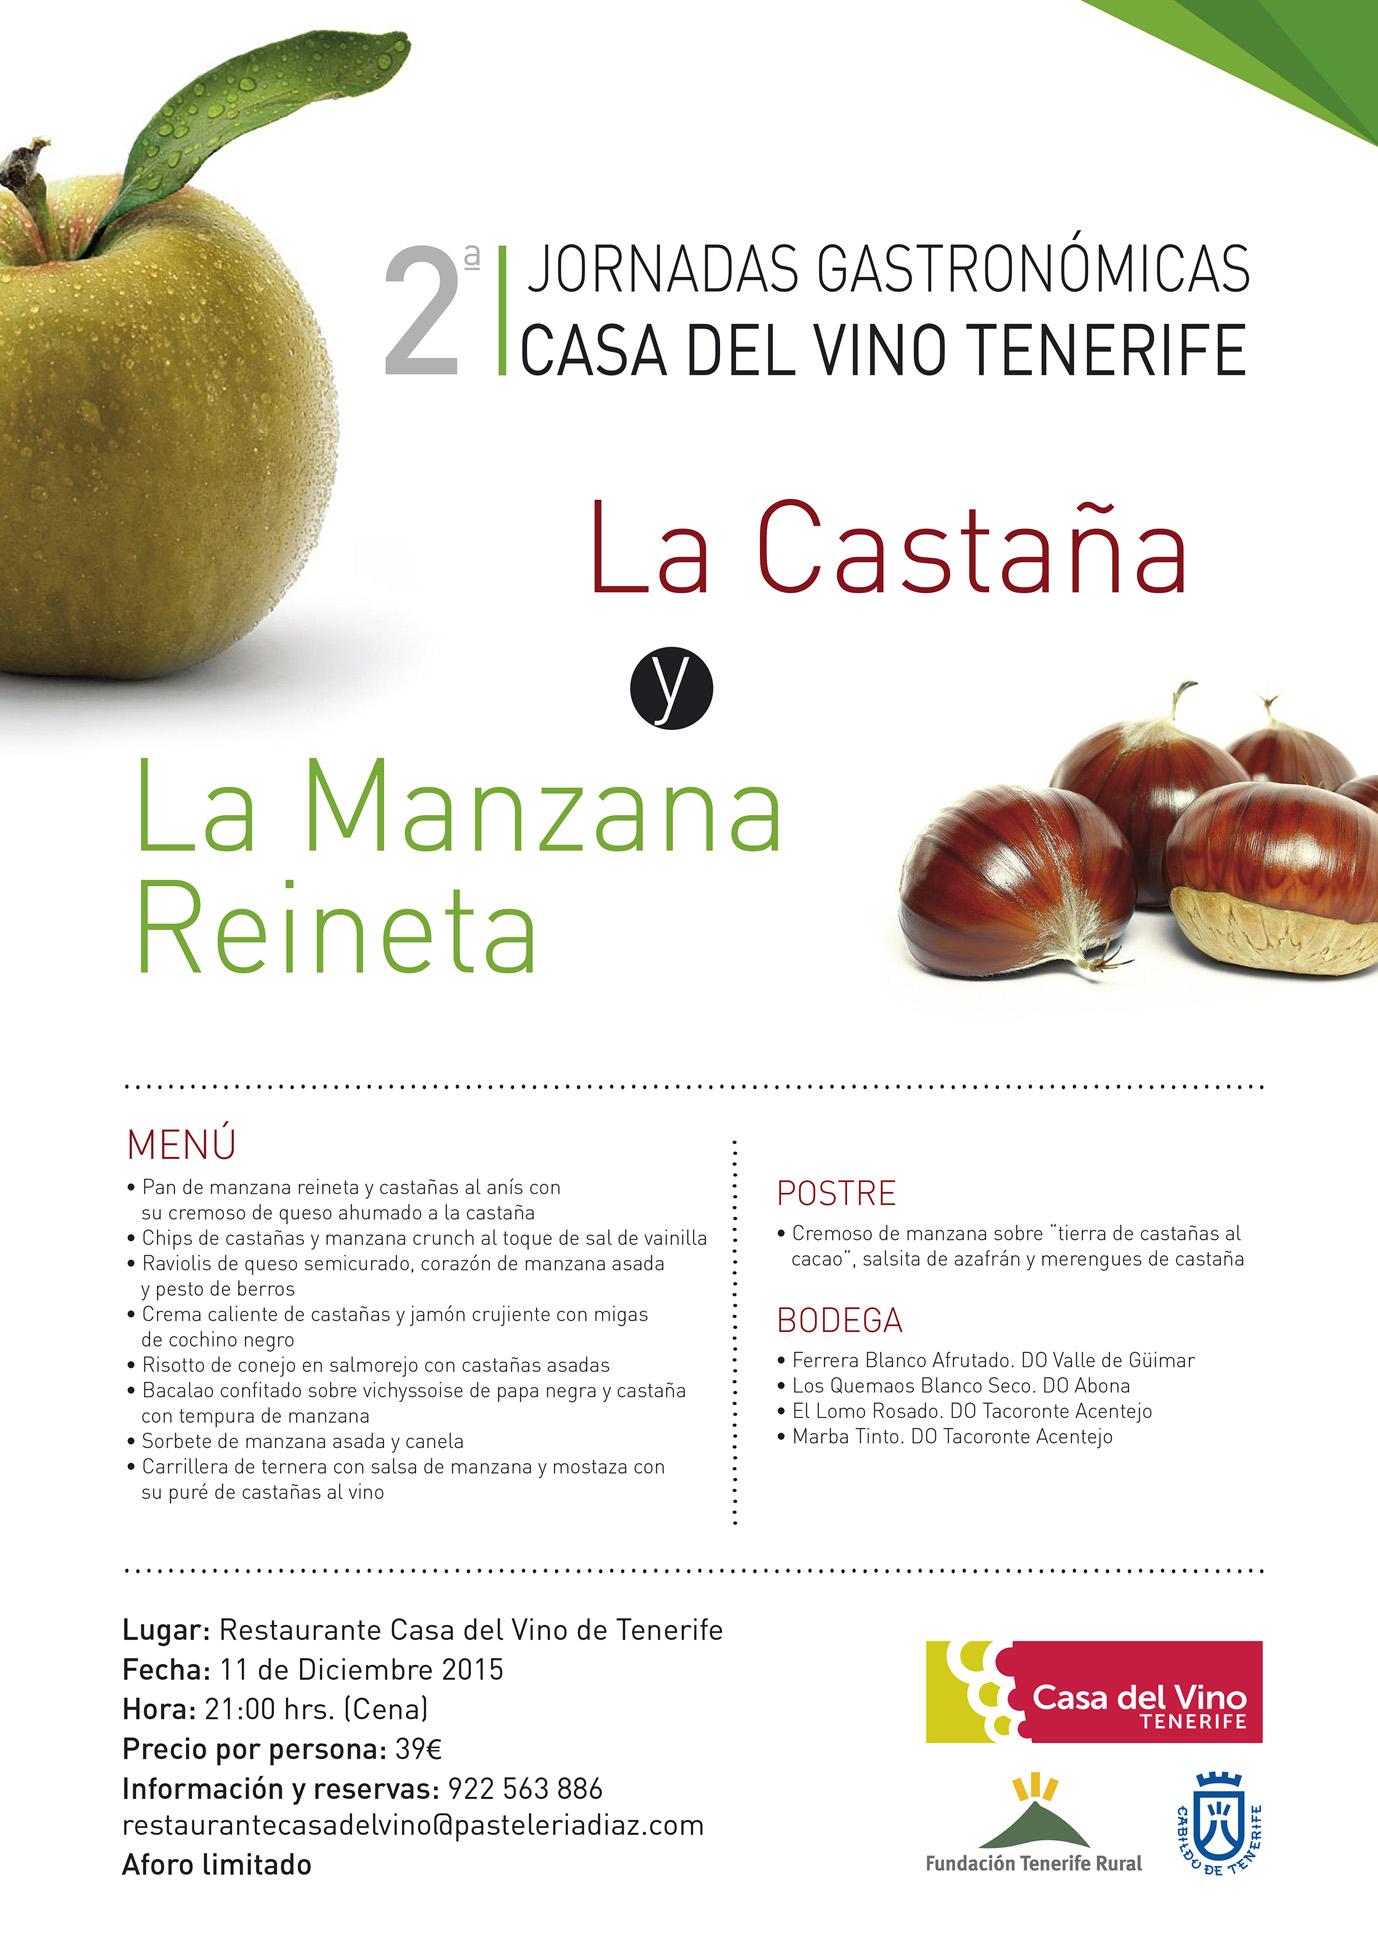 La castaña y la manzana reineta protagonistas en la Casa del Vino Tenerife